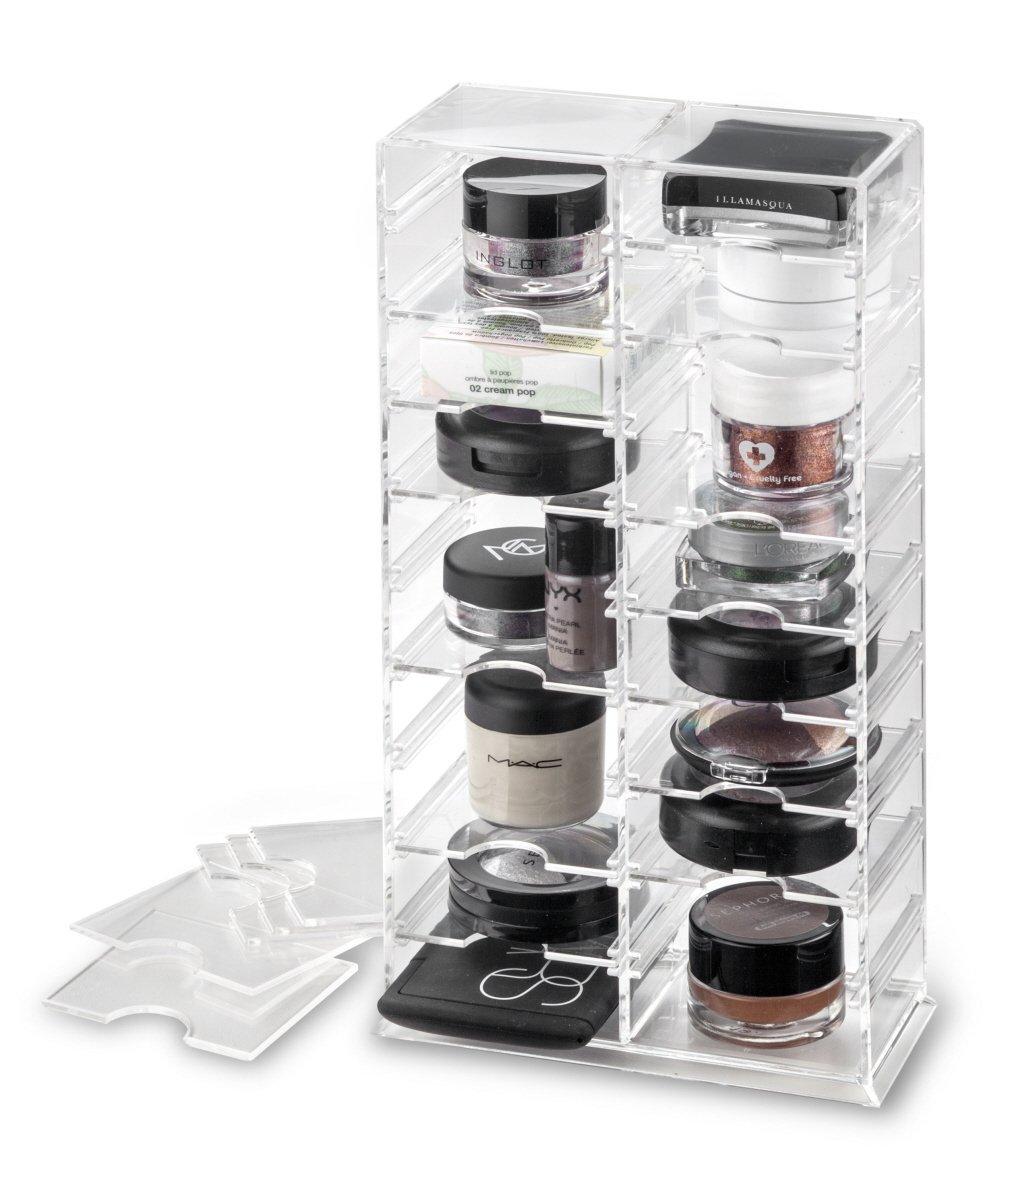 byAlegory Organizador de acrílico del soporte del maquillaje con los divisores desprendibles | 20 Spaces Designed To Stand & Lay Flat PC-12-T